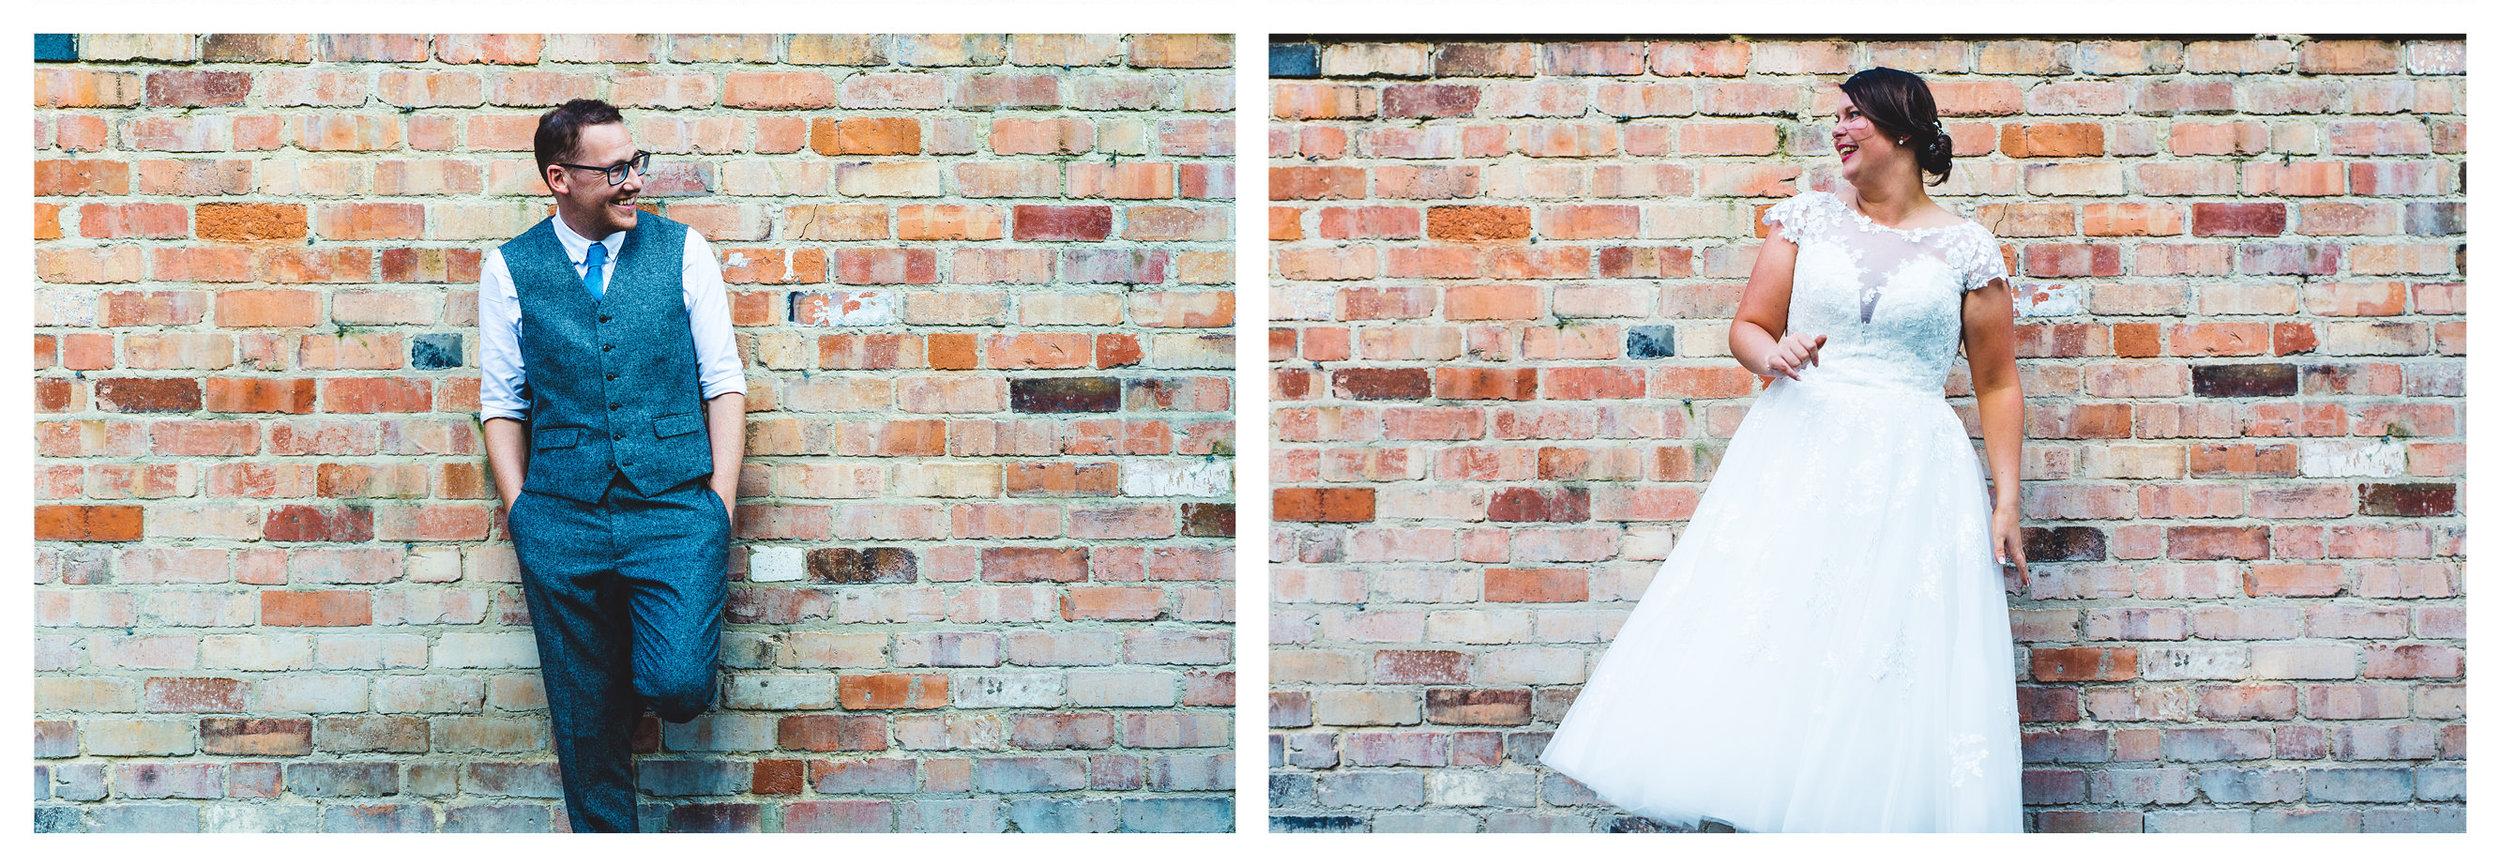 ChrisKatie-KellyWedding-20160902-1029-Collage-Kris-Askey crop.jpg